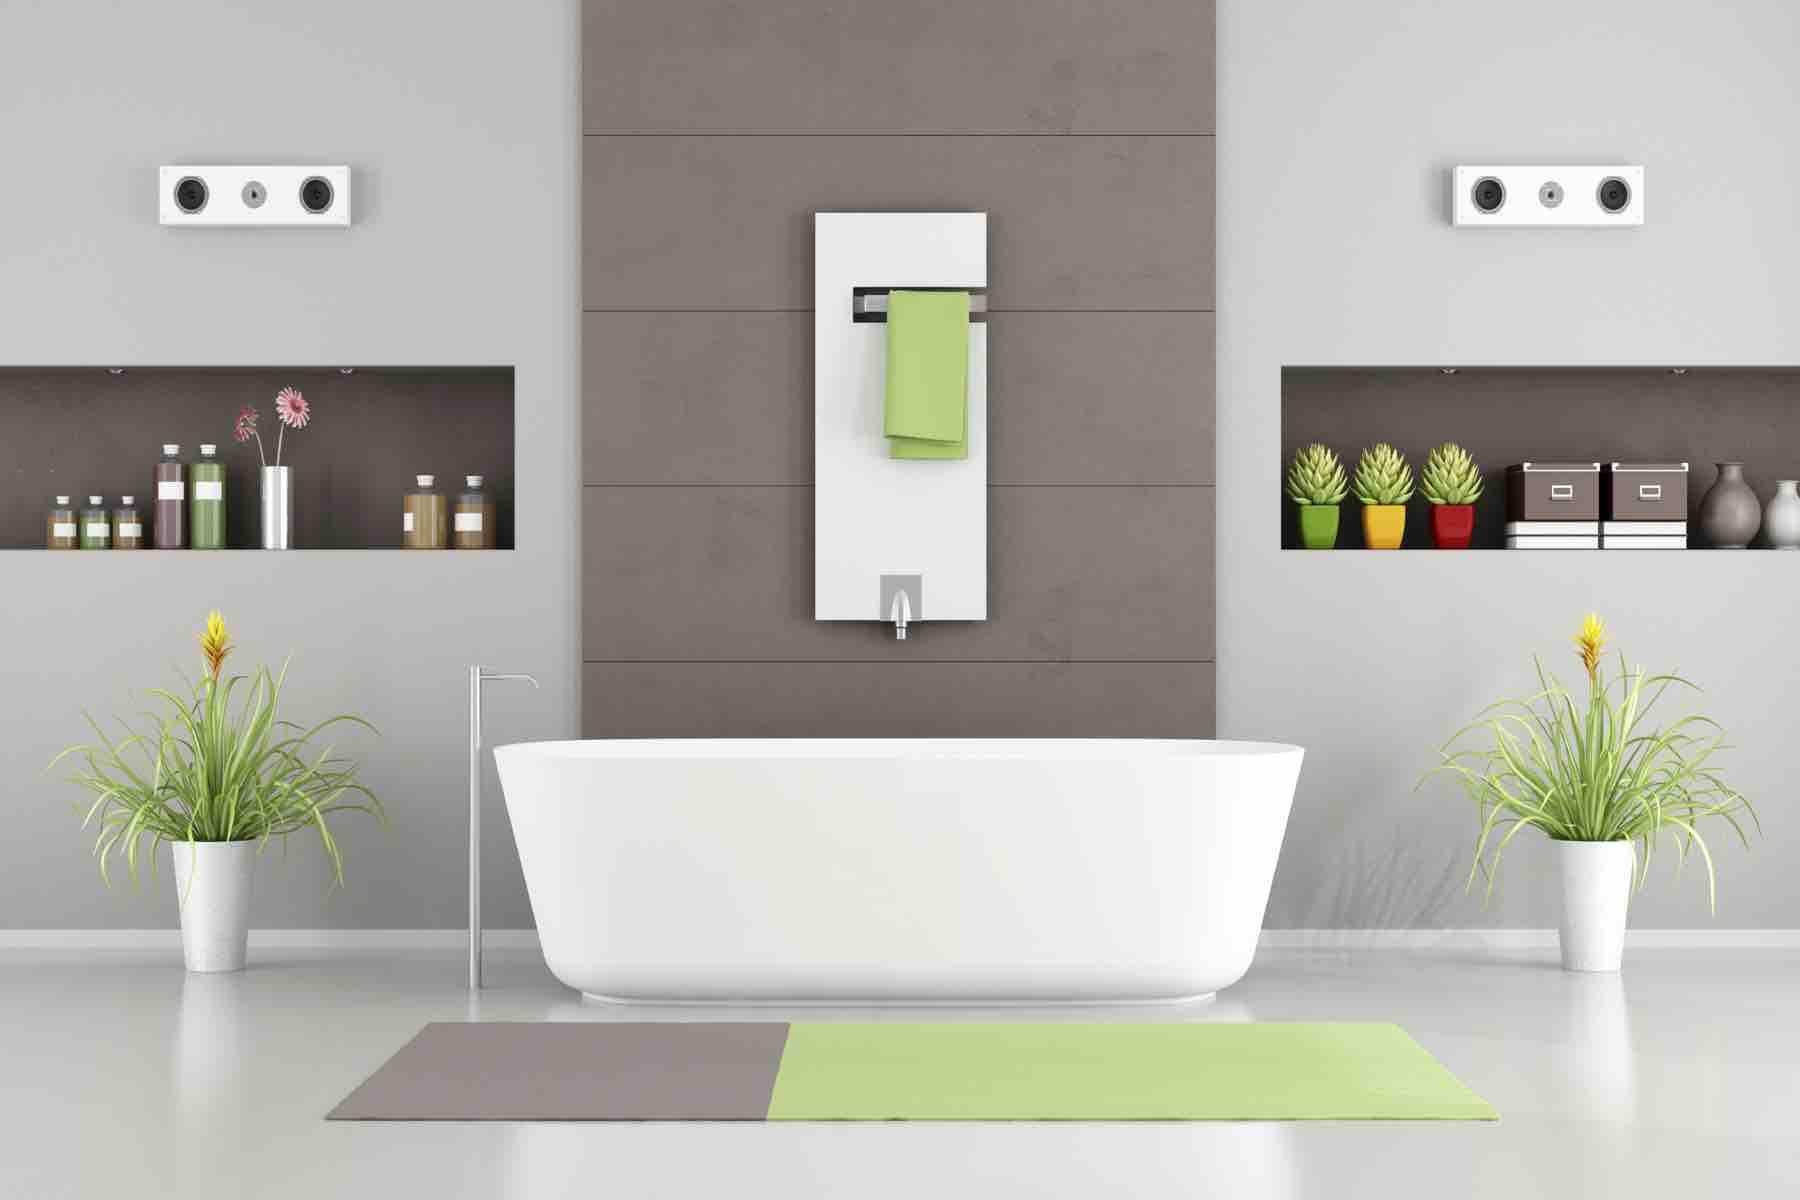 grundsatzfragen aus kundengespr chen bub waermedesigns. Black Bedroom Furniture Sets. Home Design Ideas